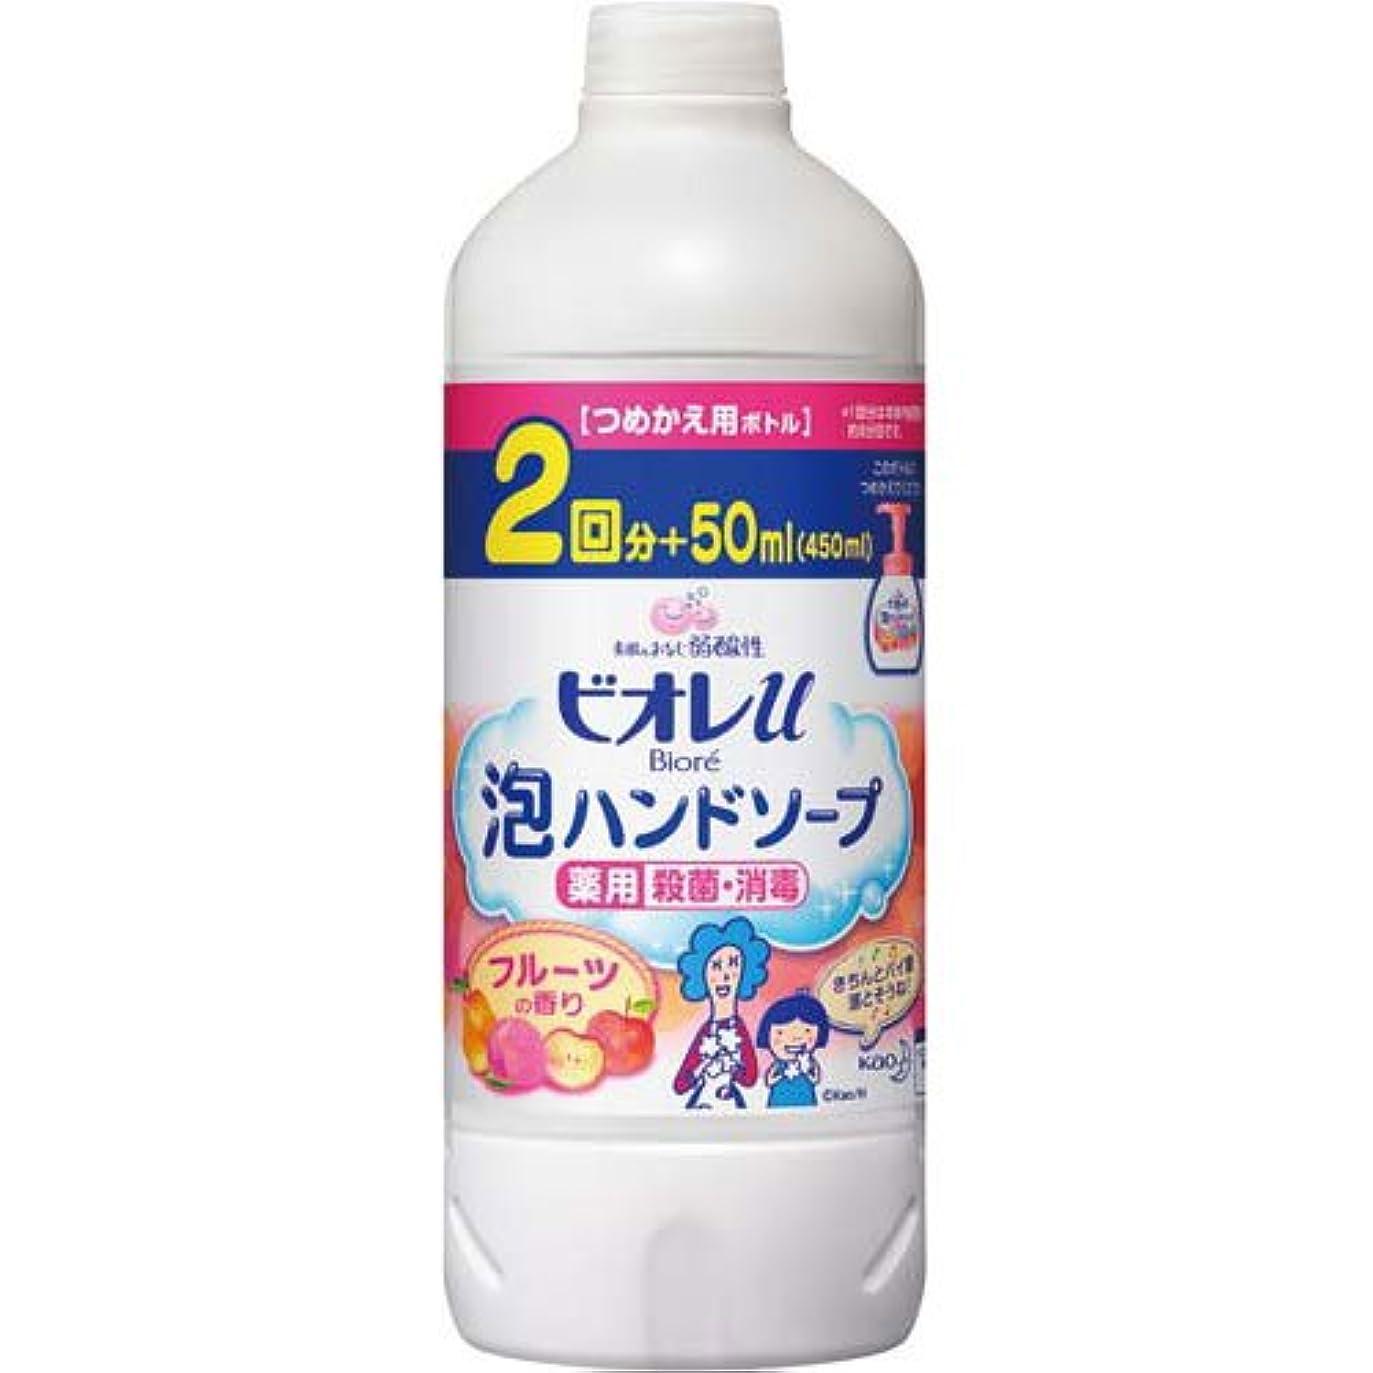 サイレン邪悪な鉄【花王】ビオレU 泡ハンドソープ フルーツの香り <詰替> 450ml ×5個セット